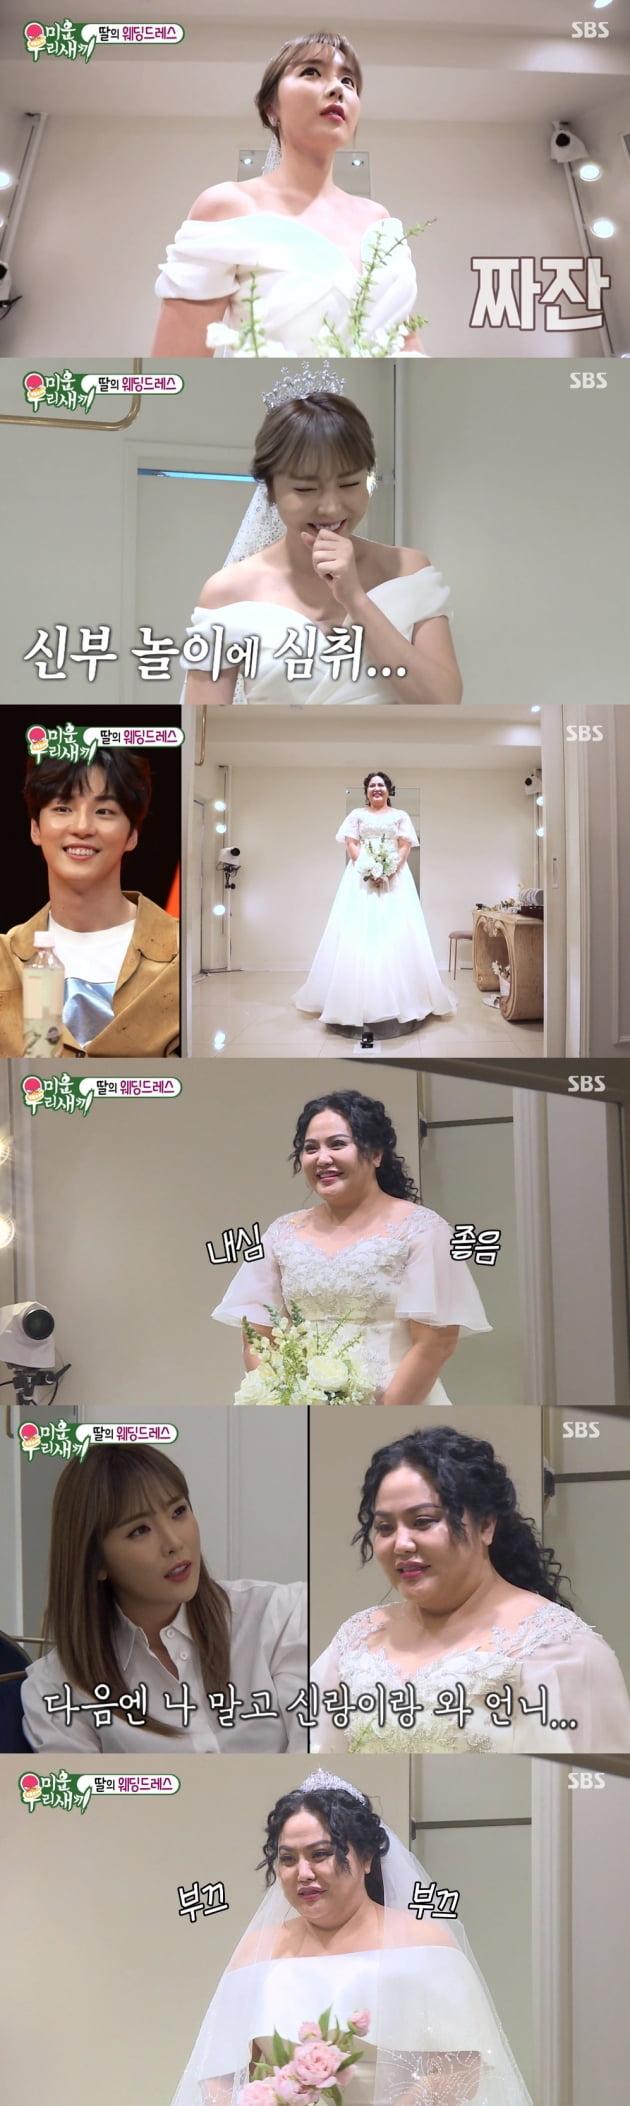 '미운우리새끼' 홍진영 홍선영 웨딩드레스 /사진=SBS 캡쳐